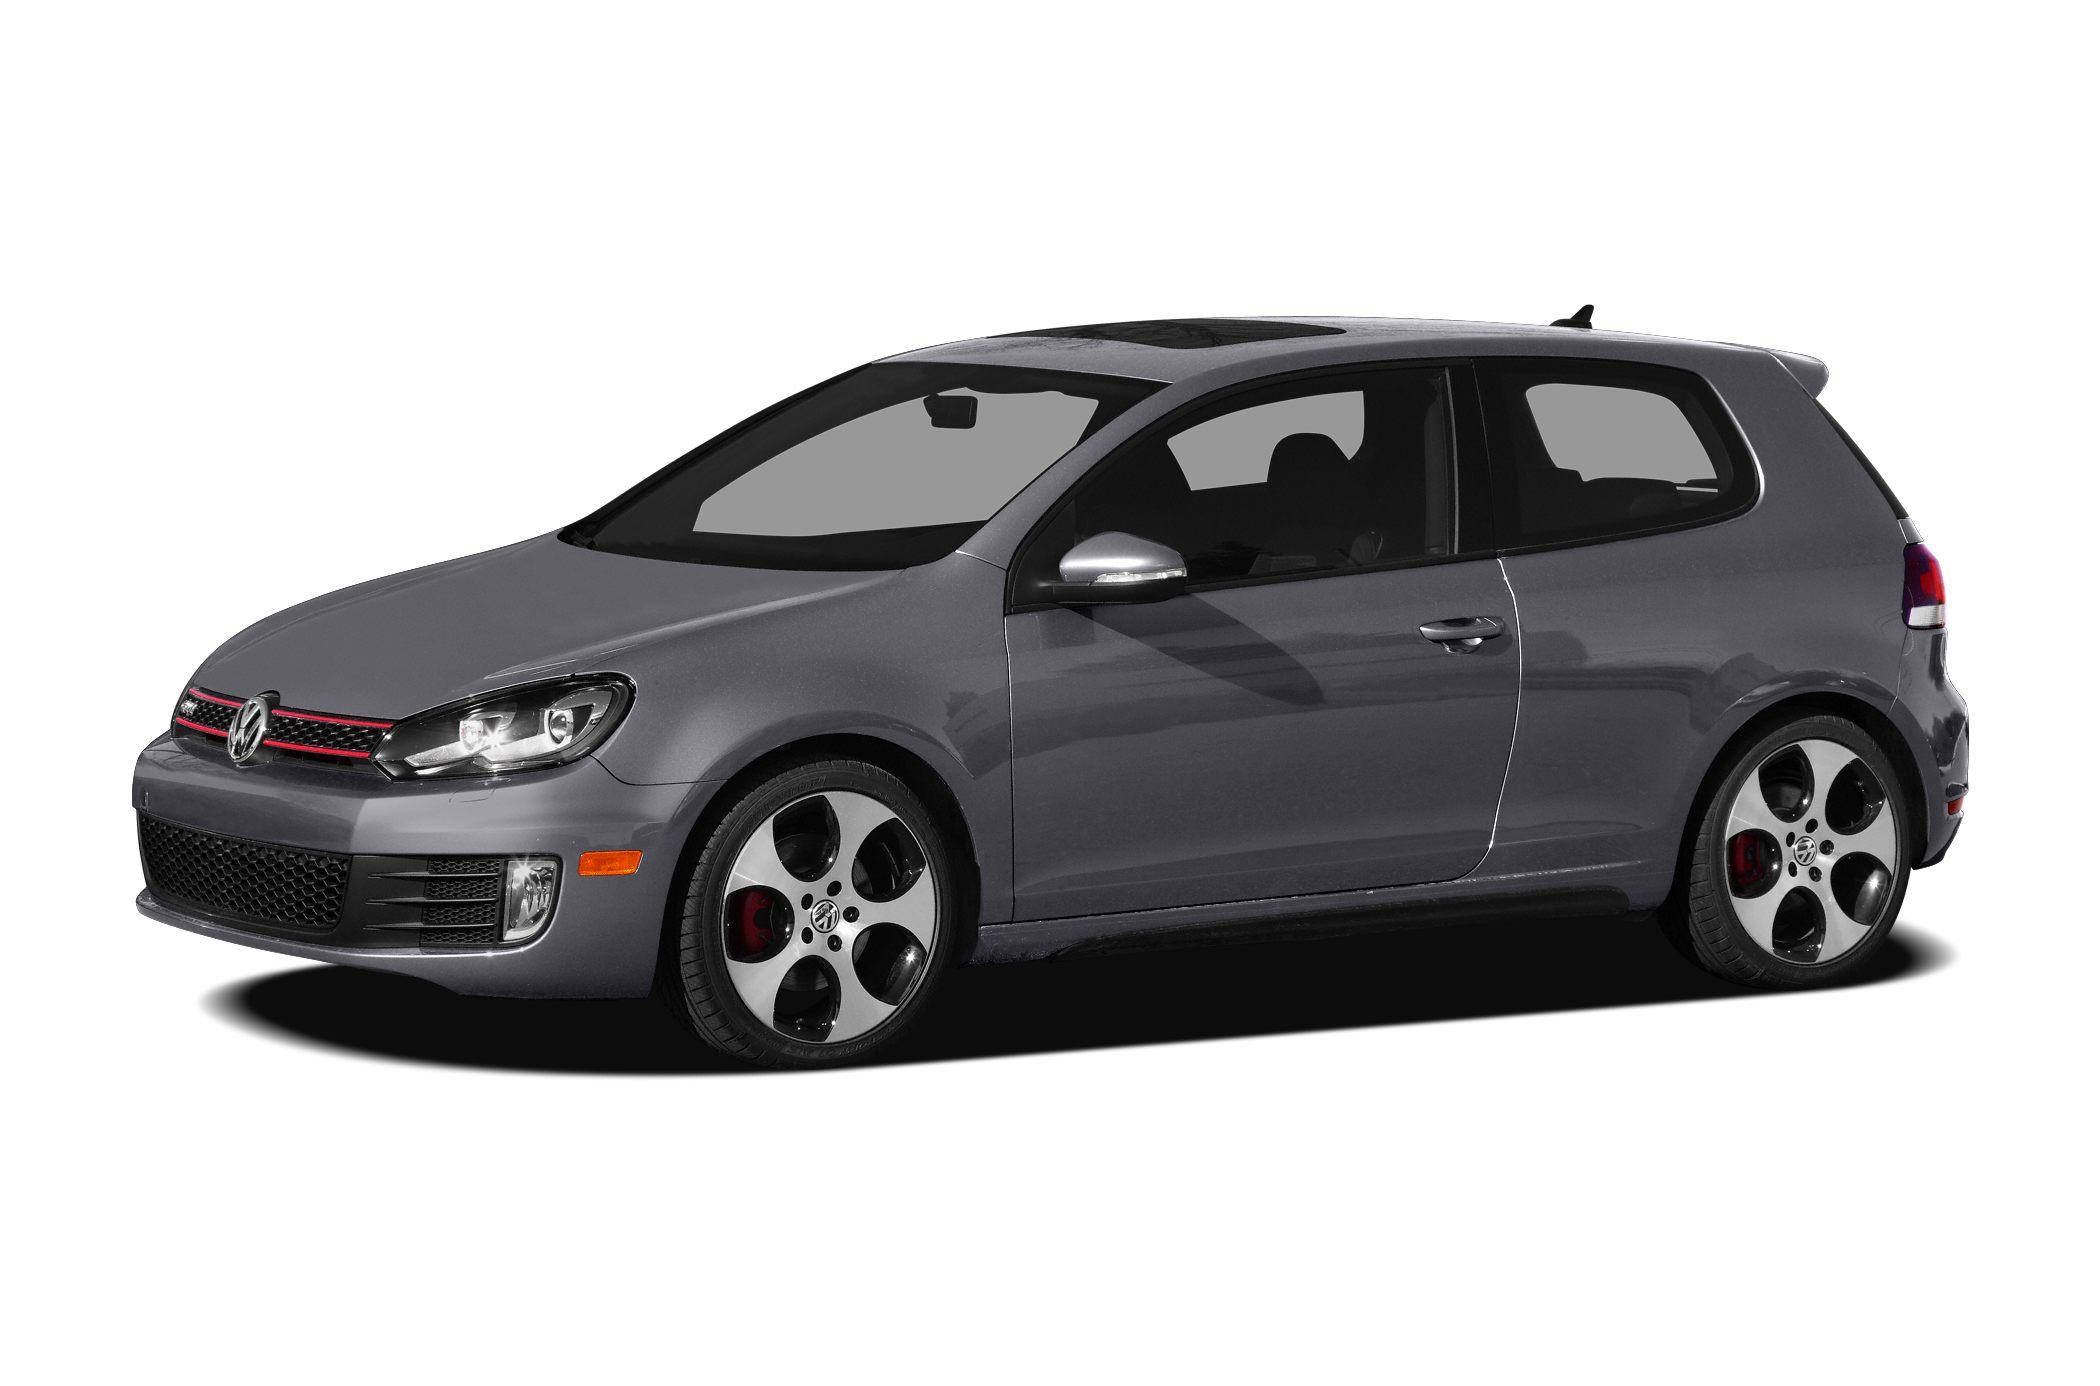 2011 Volkswagen GTI 2-Door Hatchback for sale in Fredericksburg for $15,995 with 40,891 miles